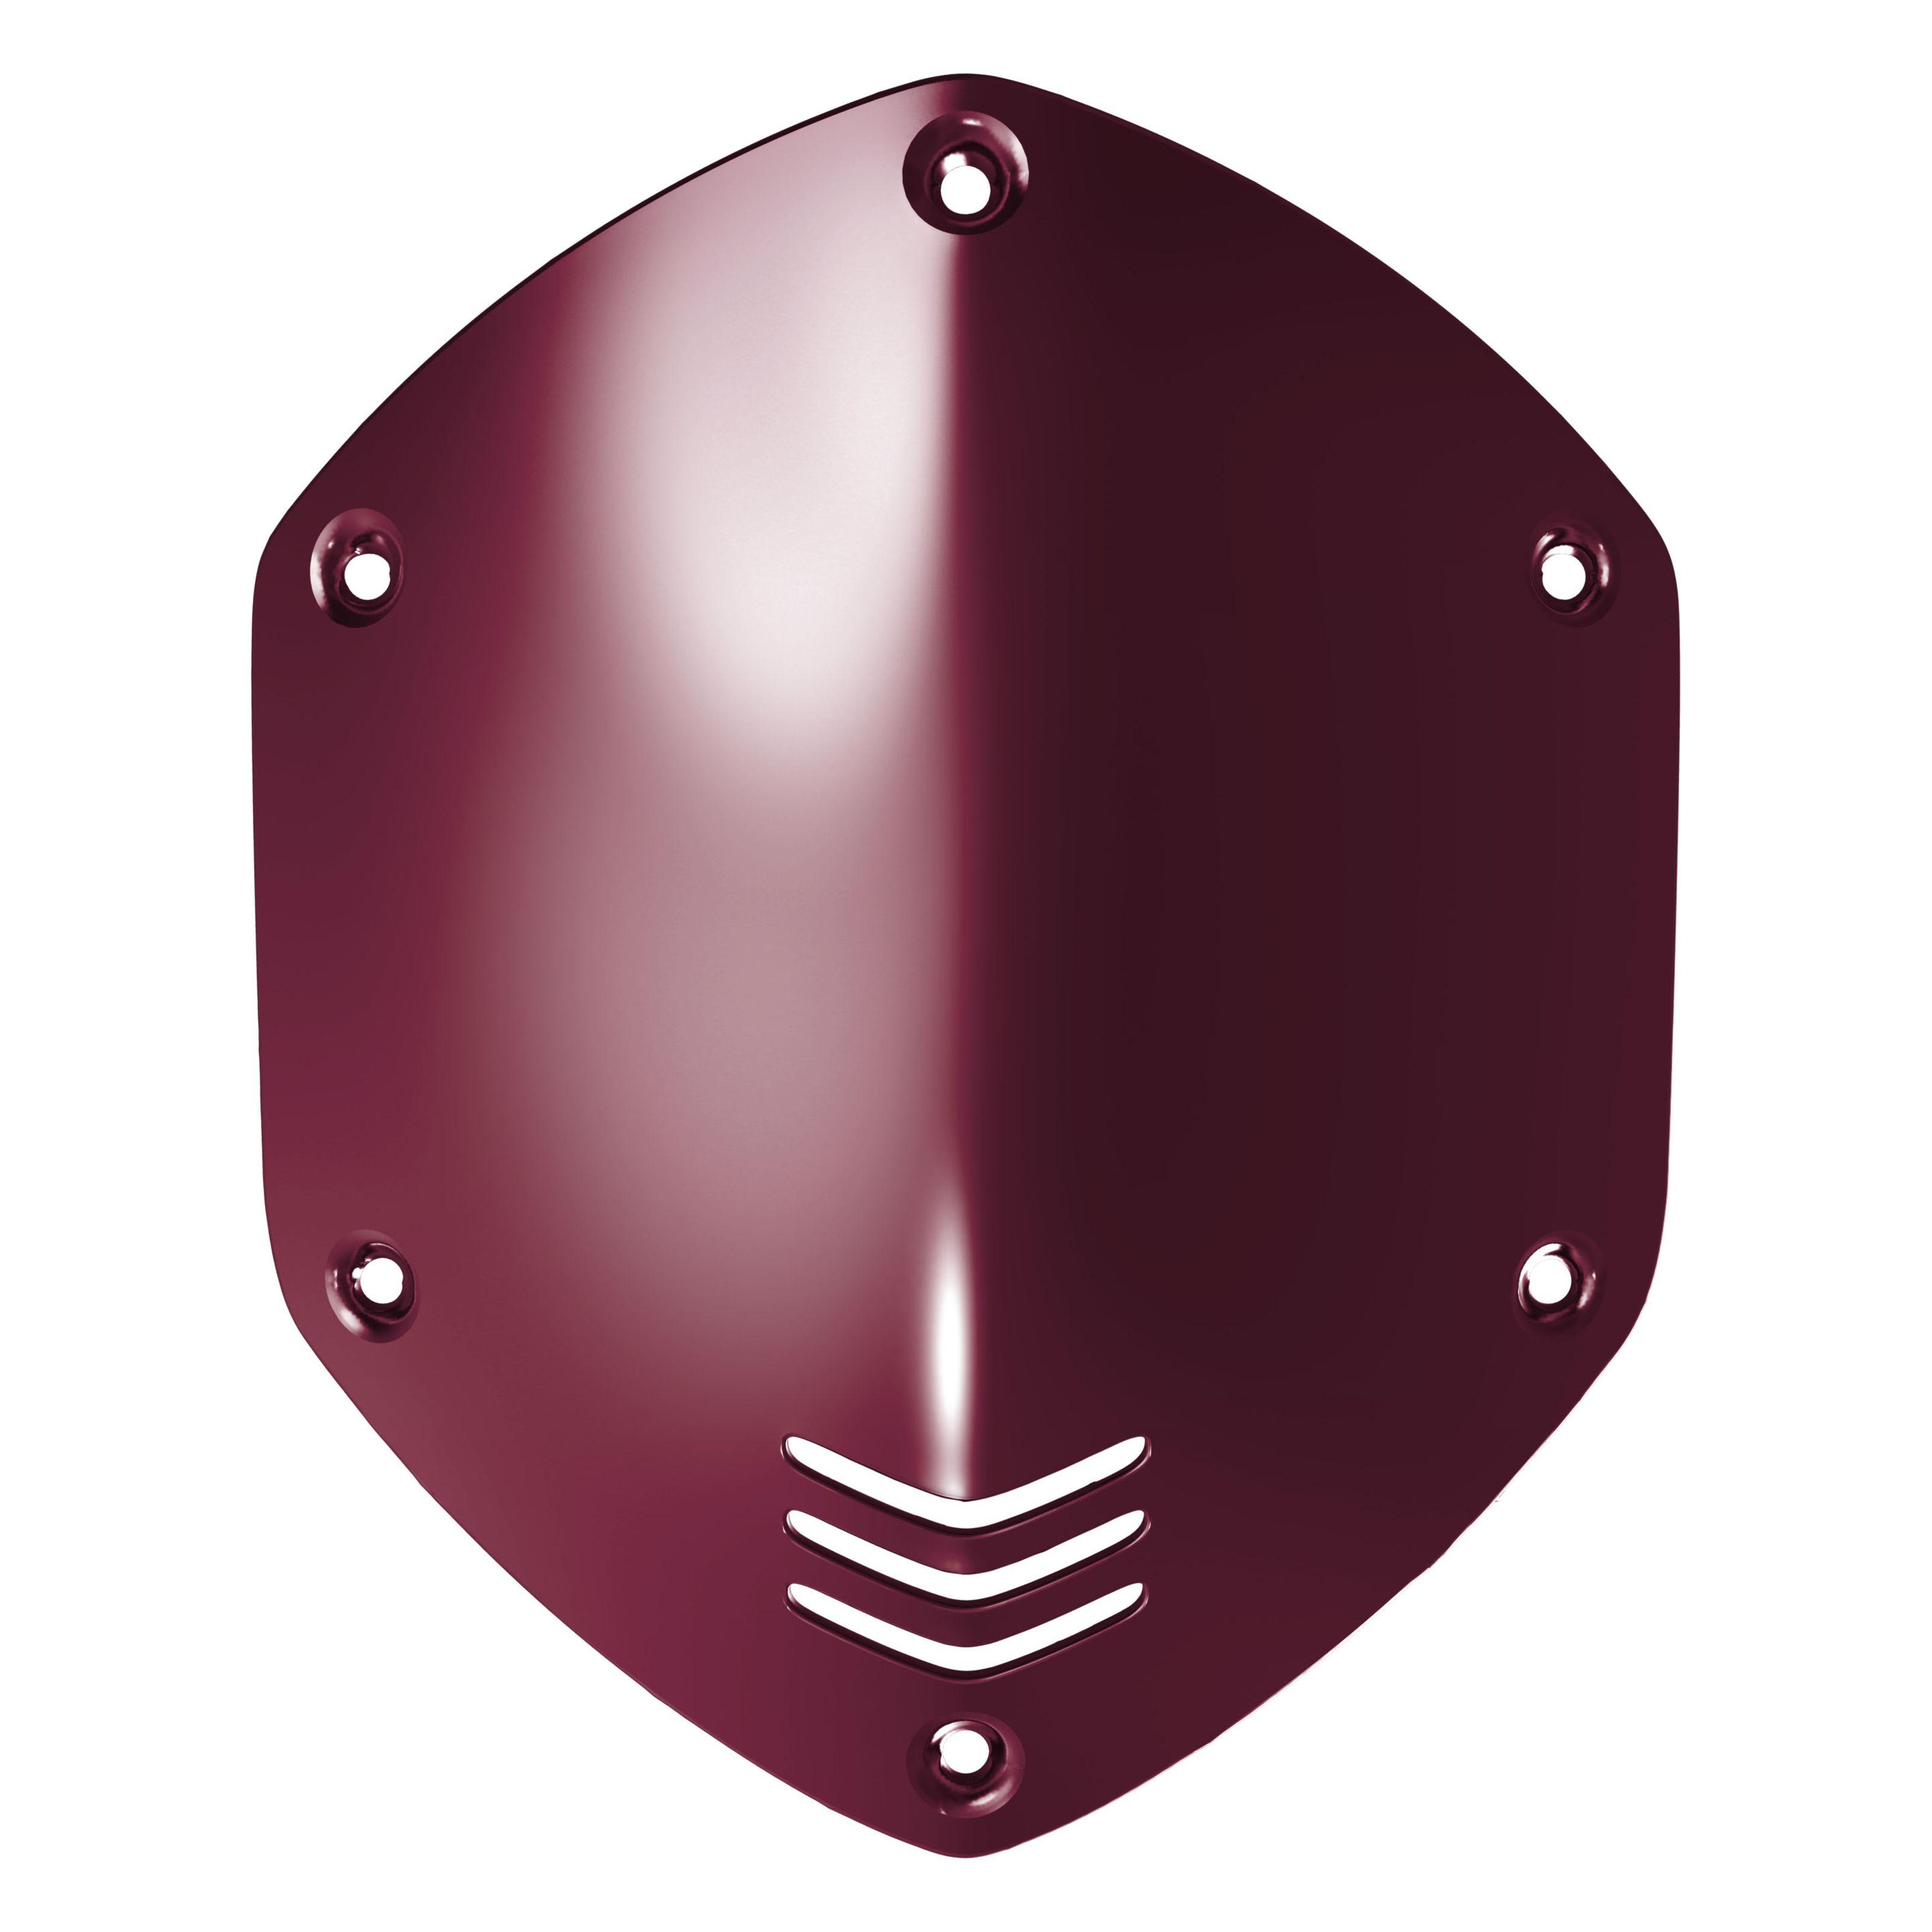 V-Moda - Shield Kit M-100/LP2 (Over-Ear) crimson red